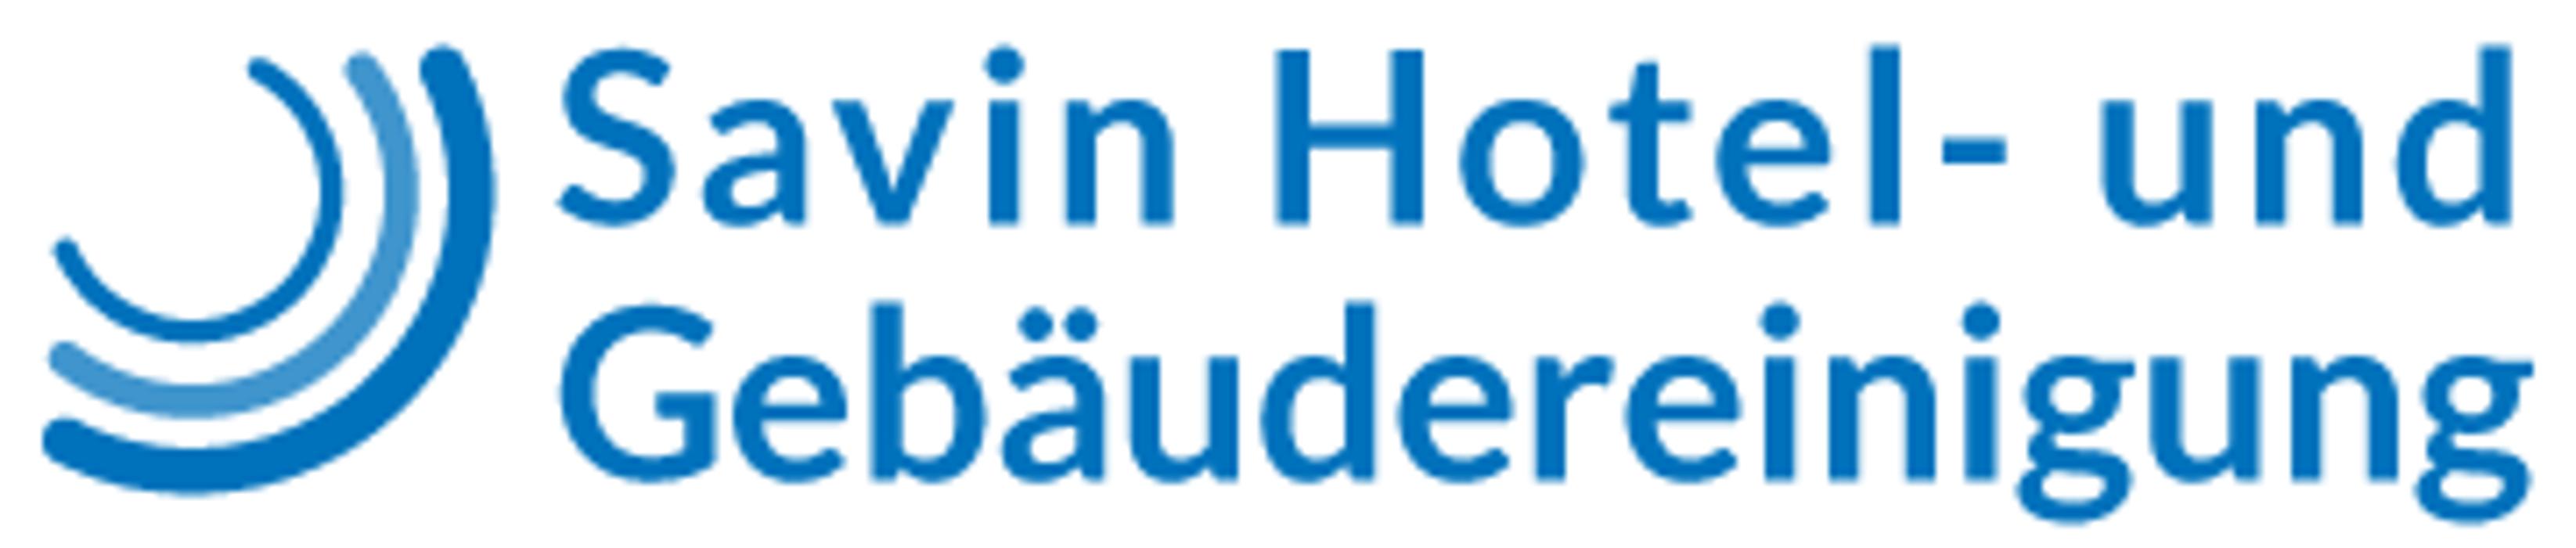 Bild zu Savin Hotel- und Gebäudereinigung, Biatrice Gabriela Savin in Kenzingen